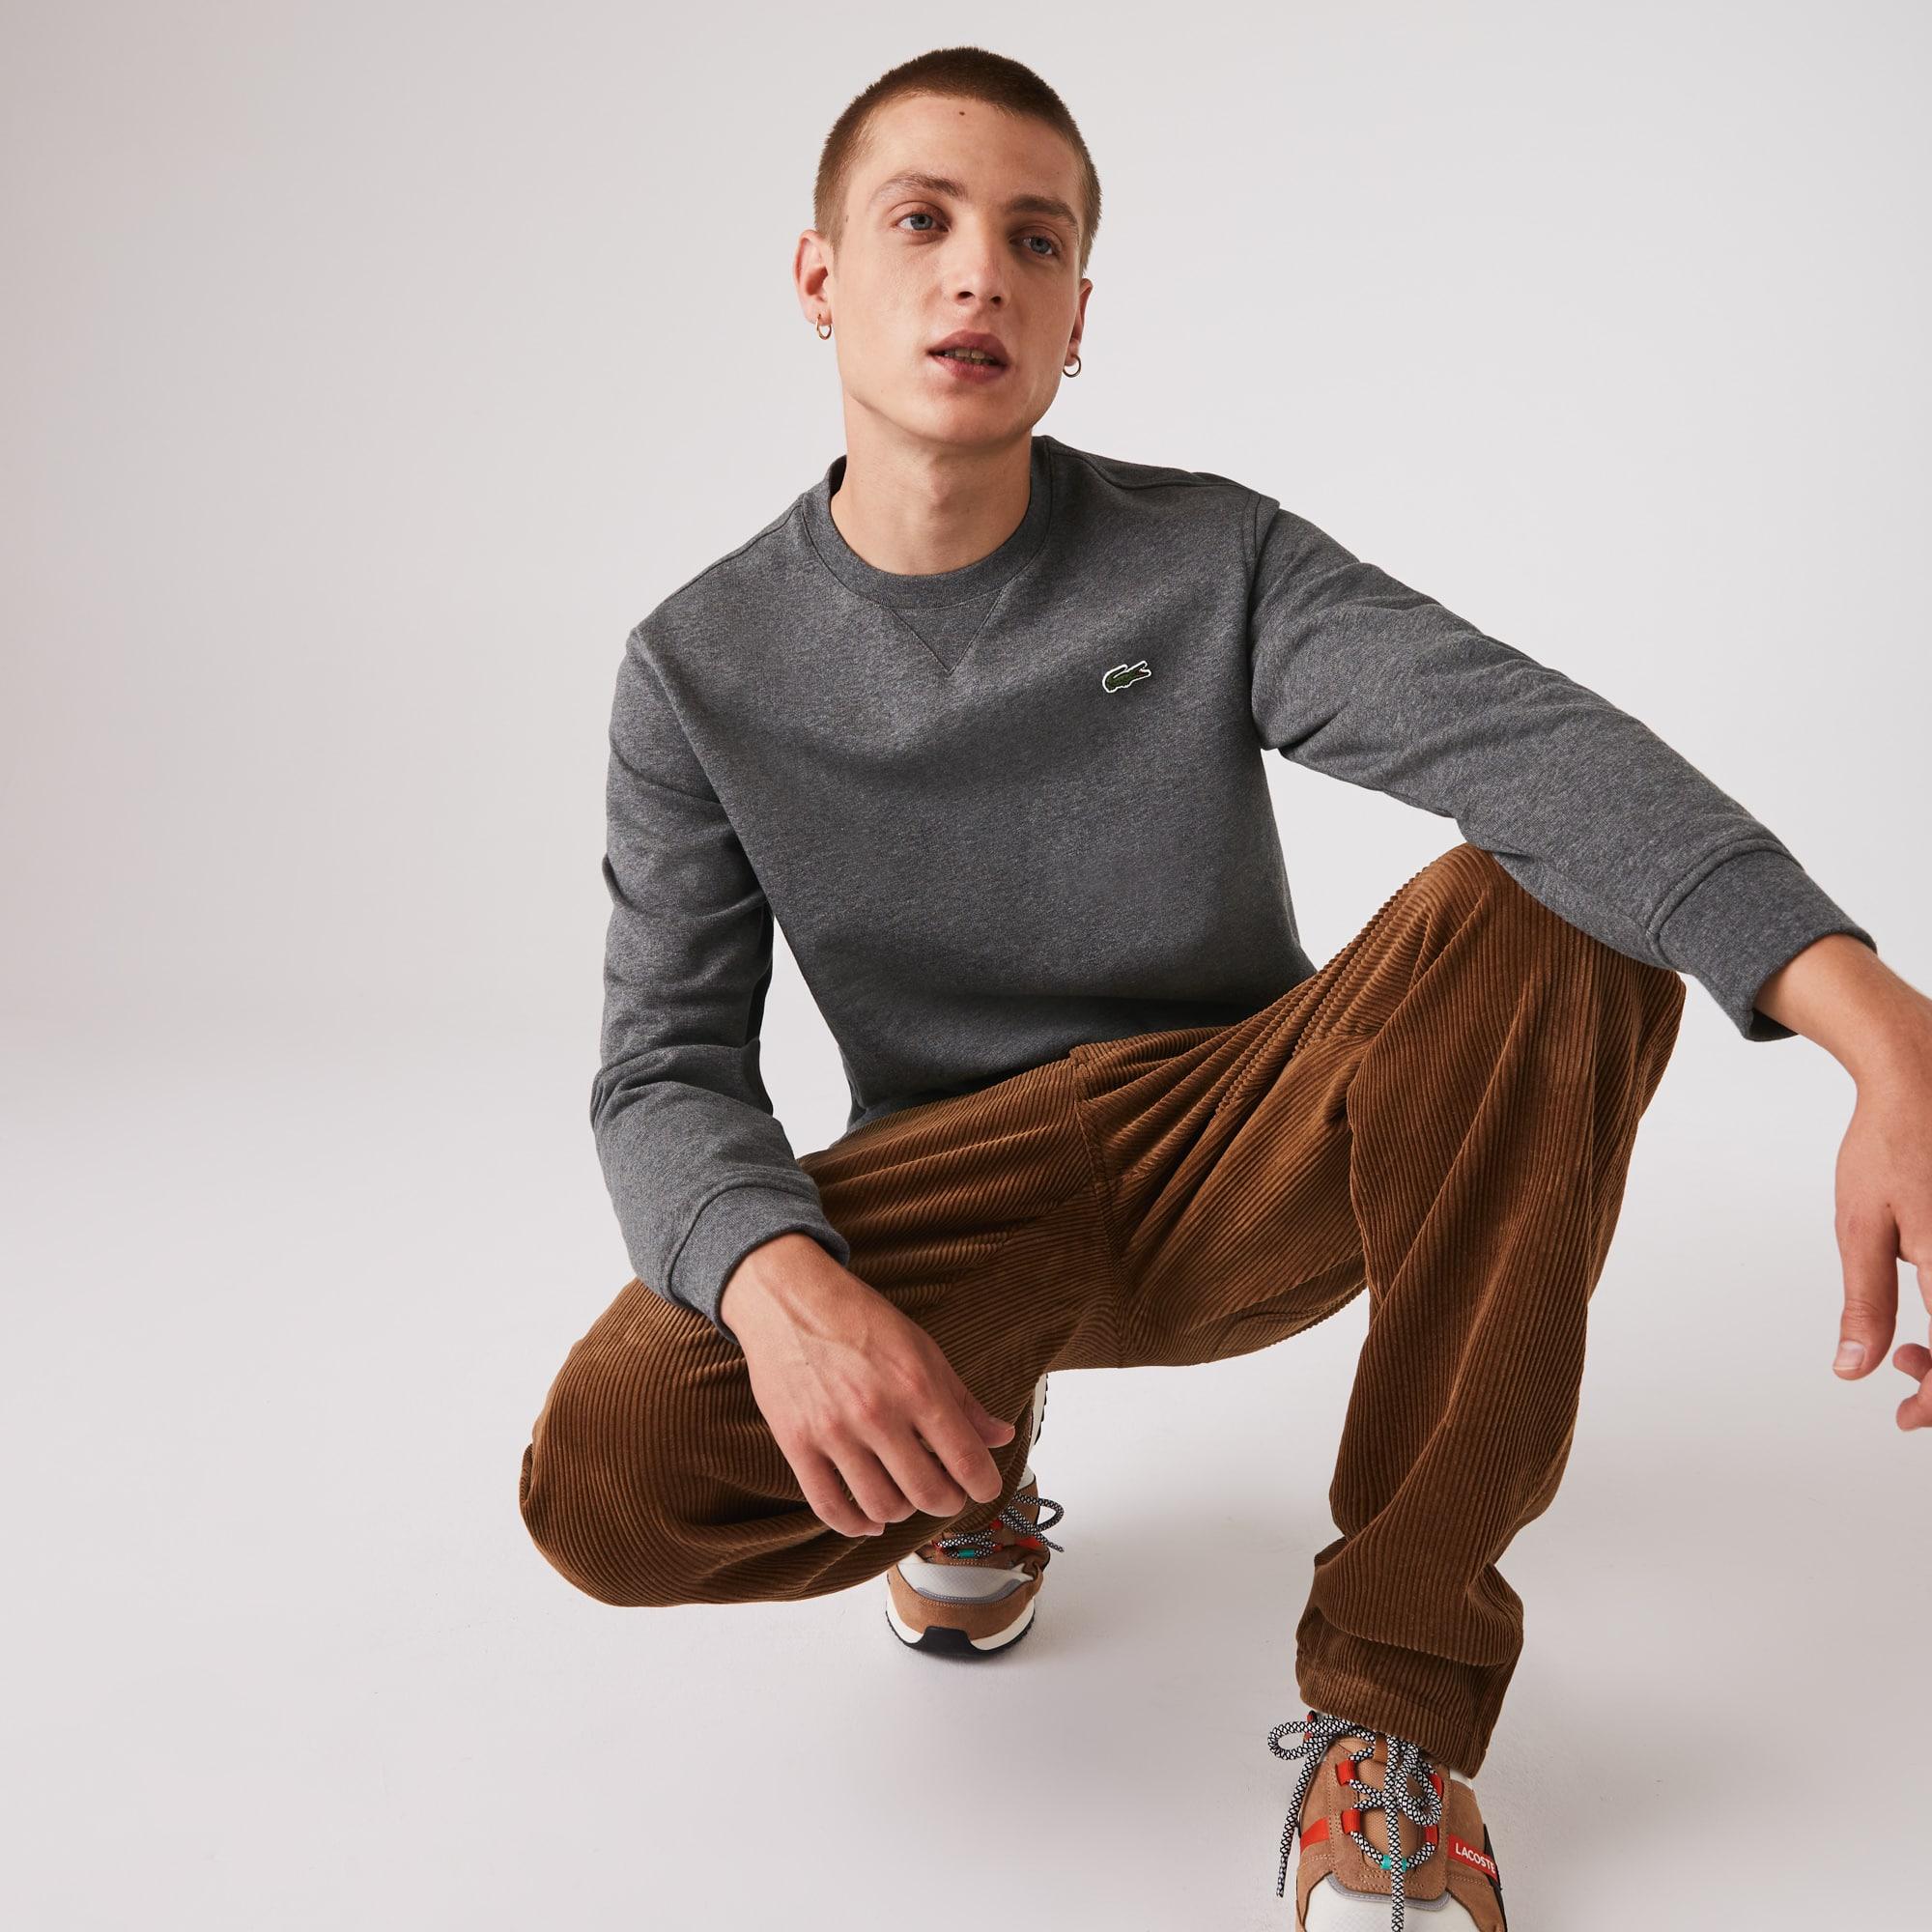 라코스테 스포츠 맨투맨 Mens Lacoste SPORT Cotton Blend Fleece Sweatshirt